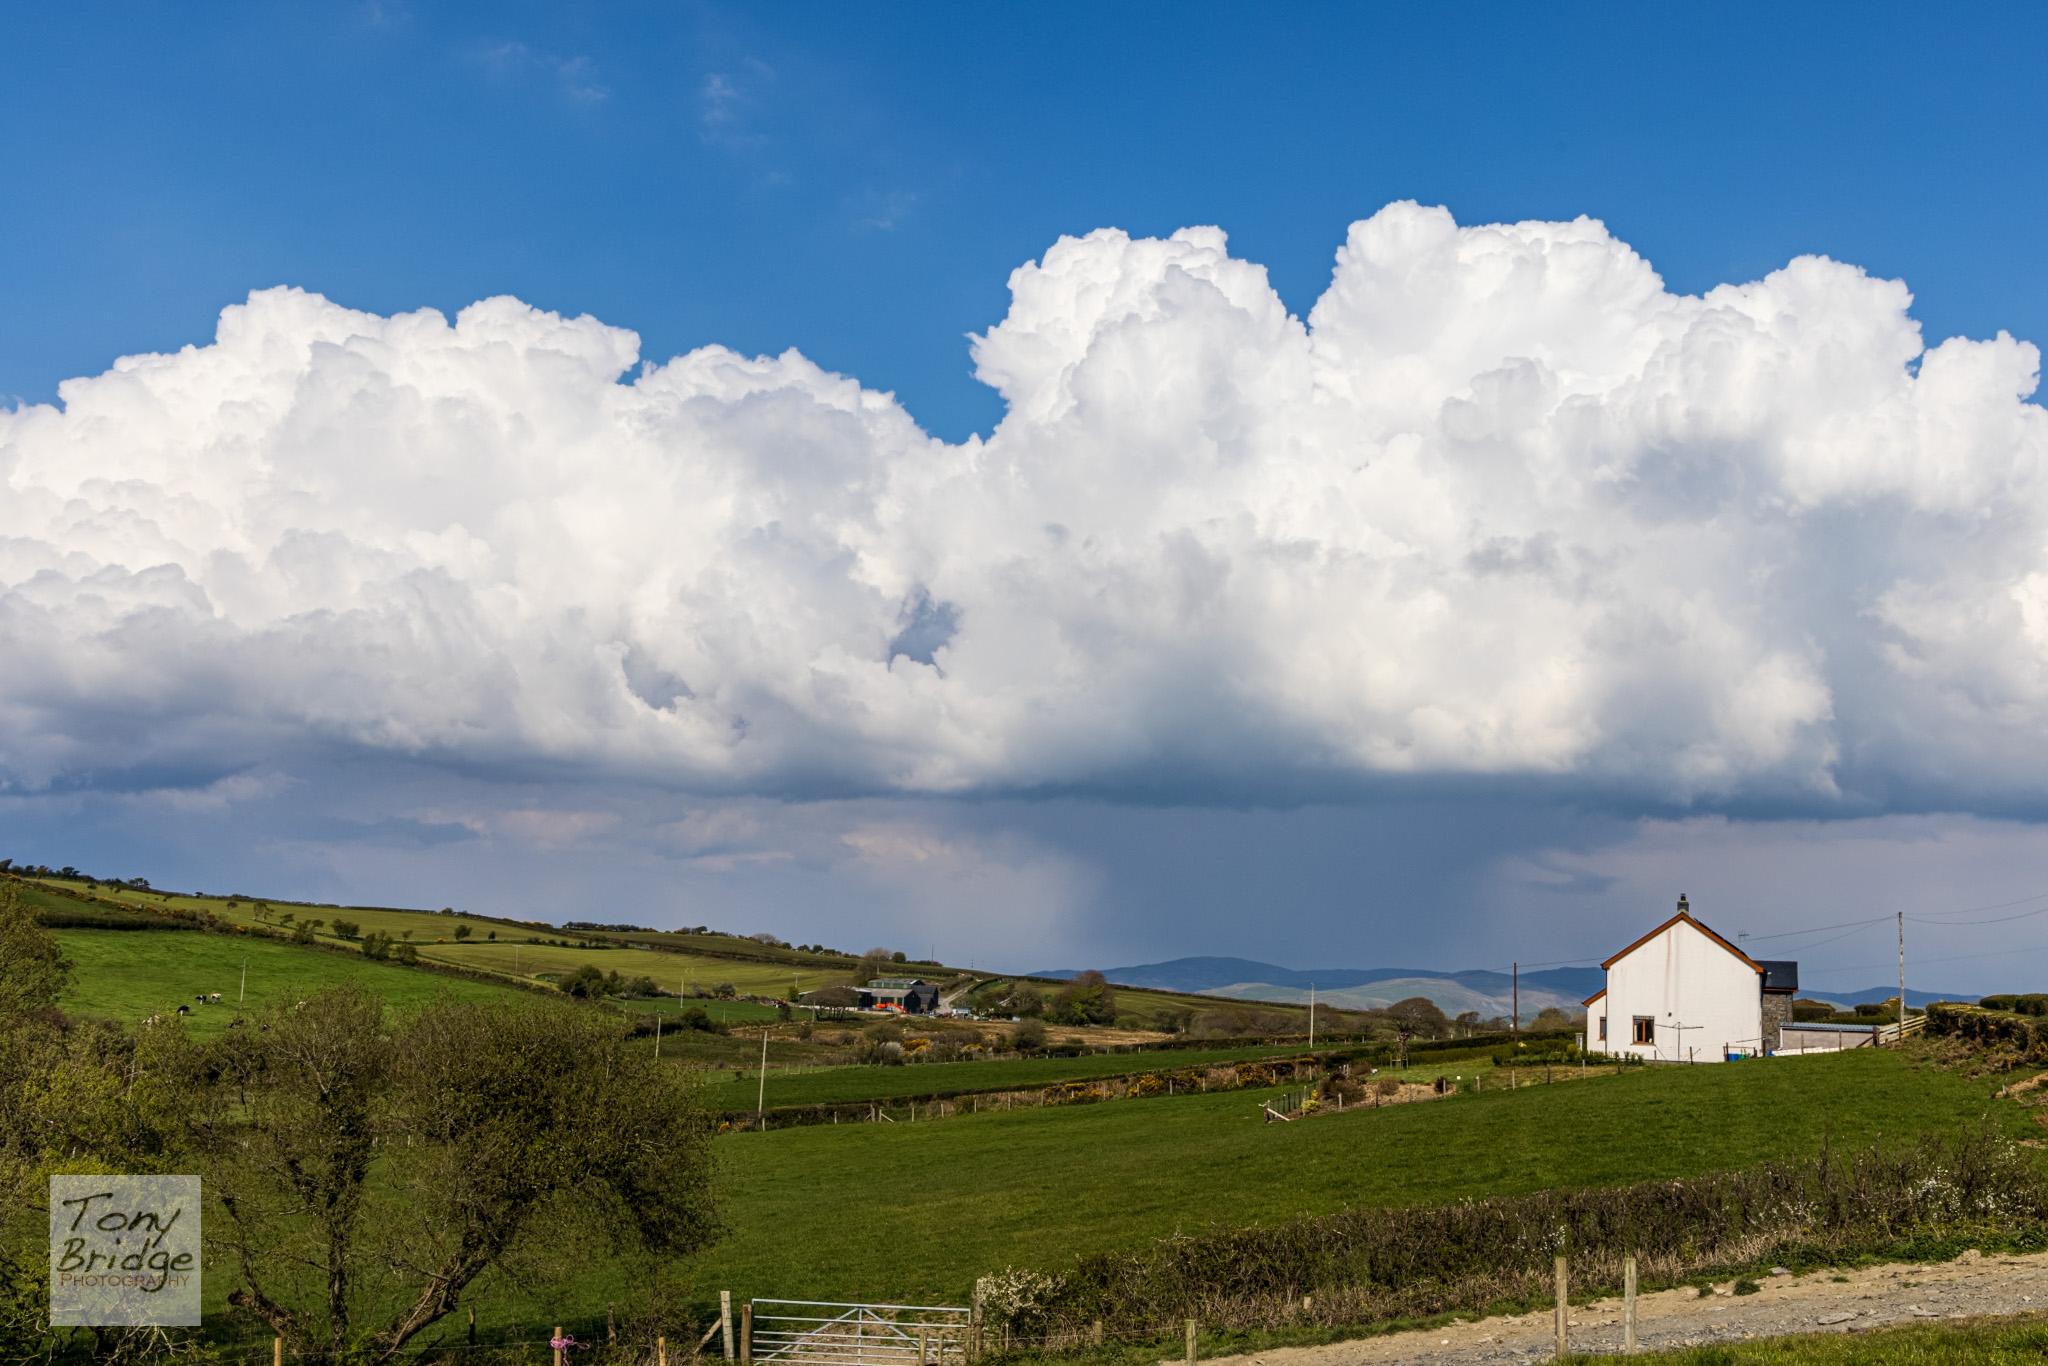 Shower clouds over the Ceredigion landscape